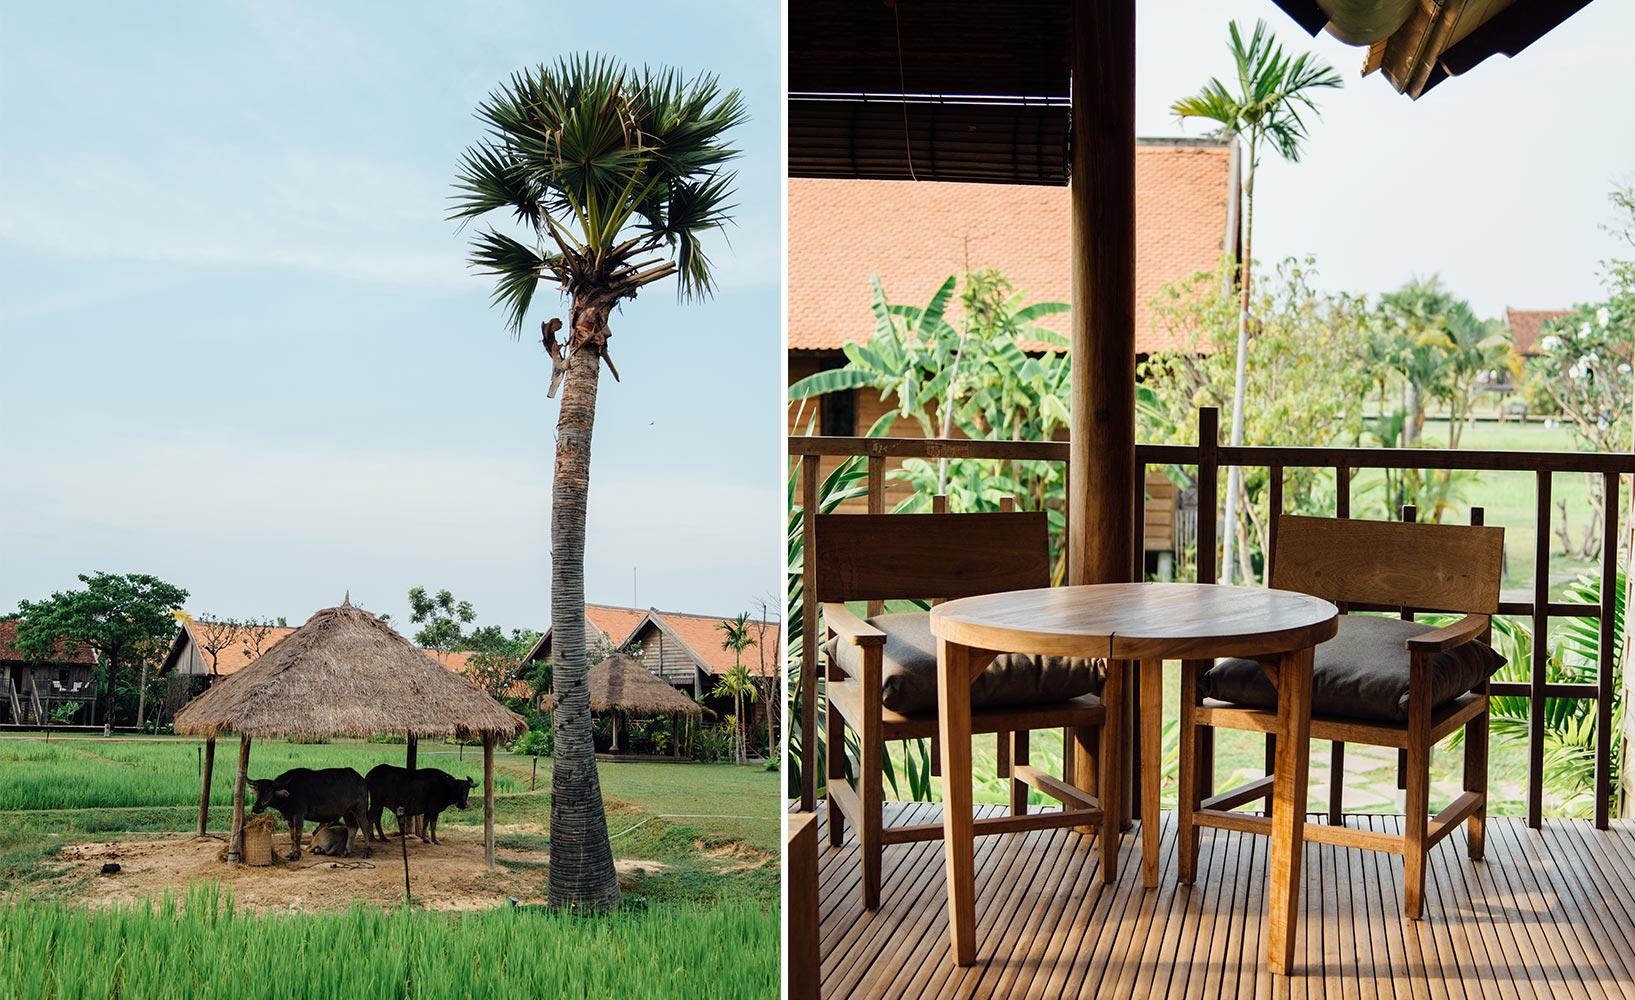 Wonderful Einfache Dekoration Und Mobel Authentischer Urlaub Im Designhotel Phum Baitang #5: Reisfelder Phum Baitang